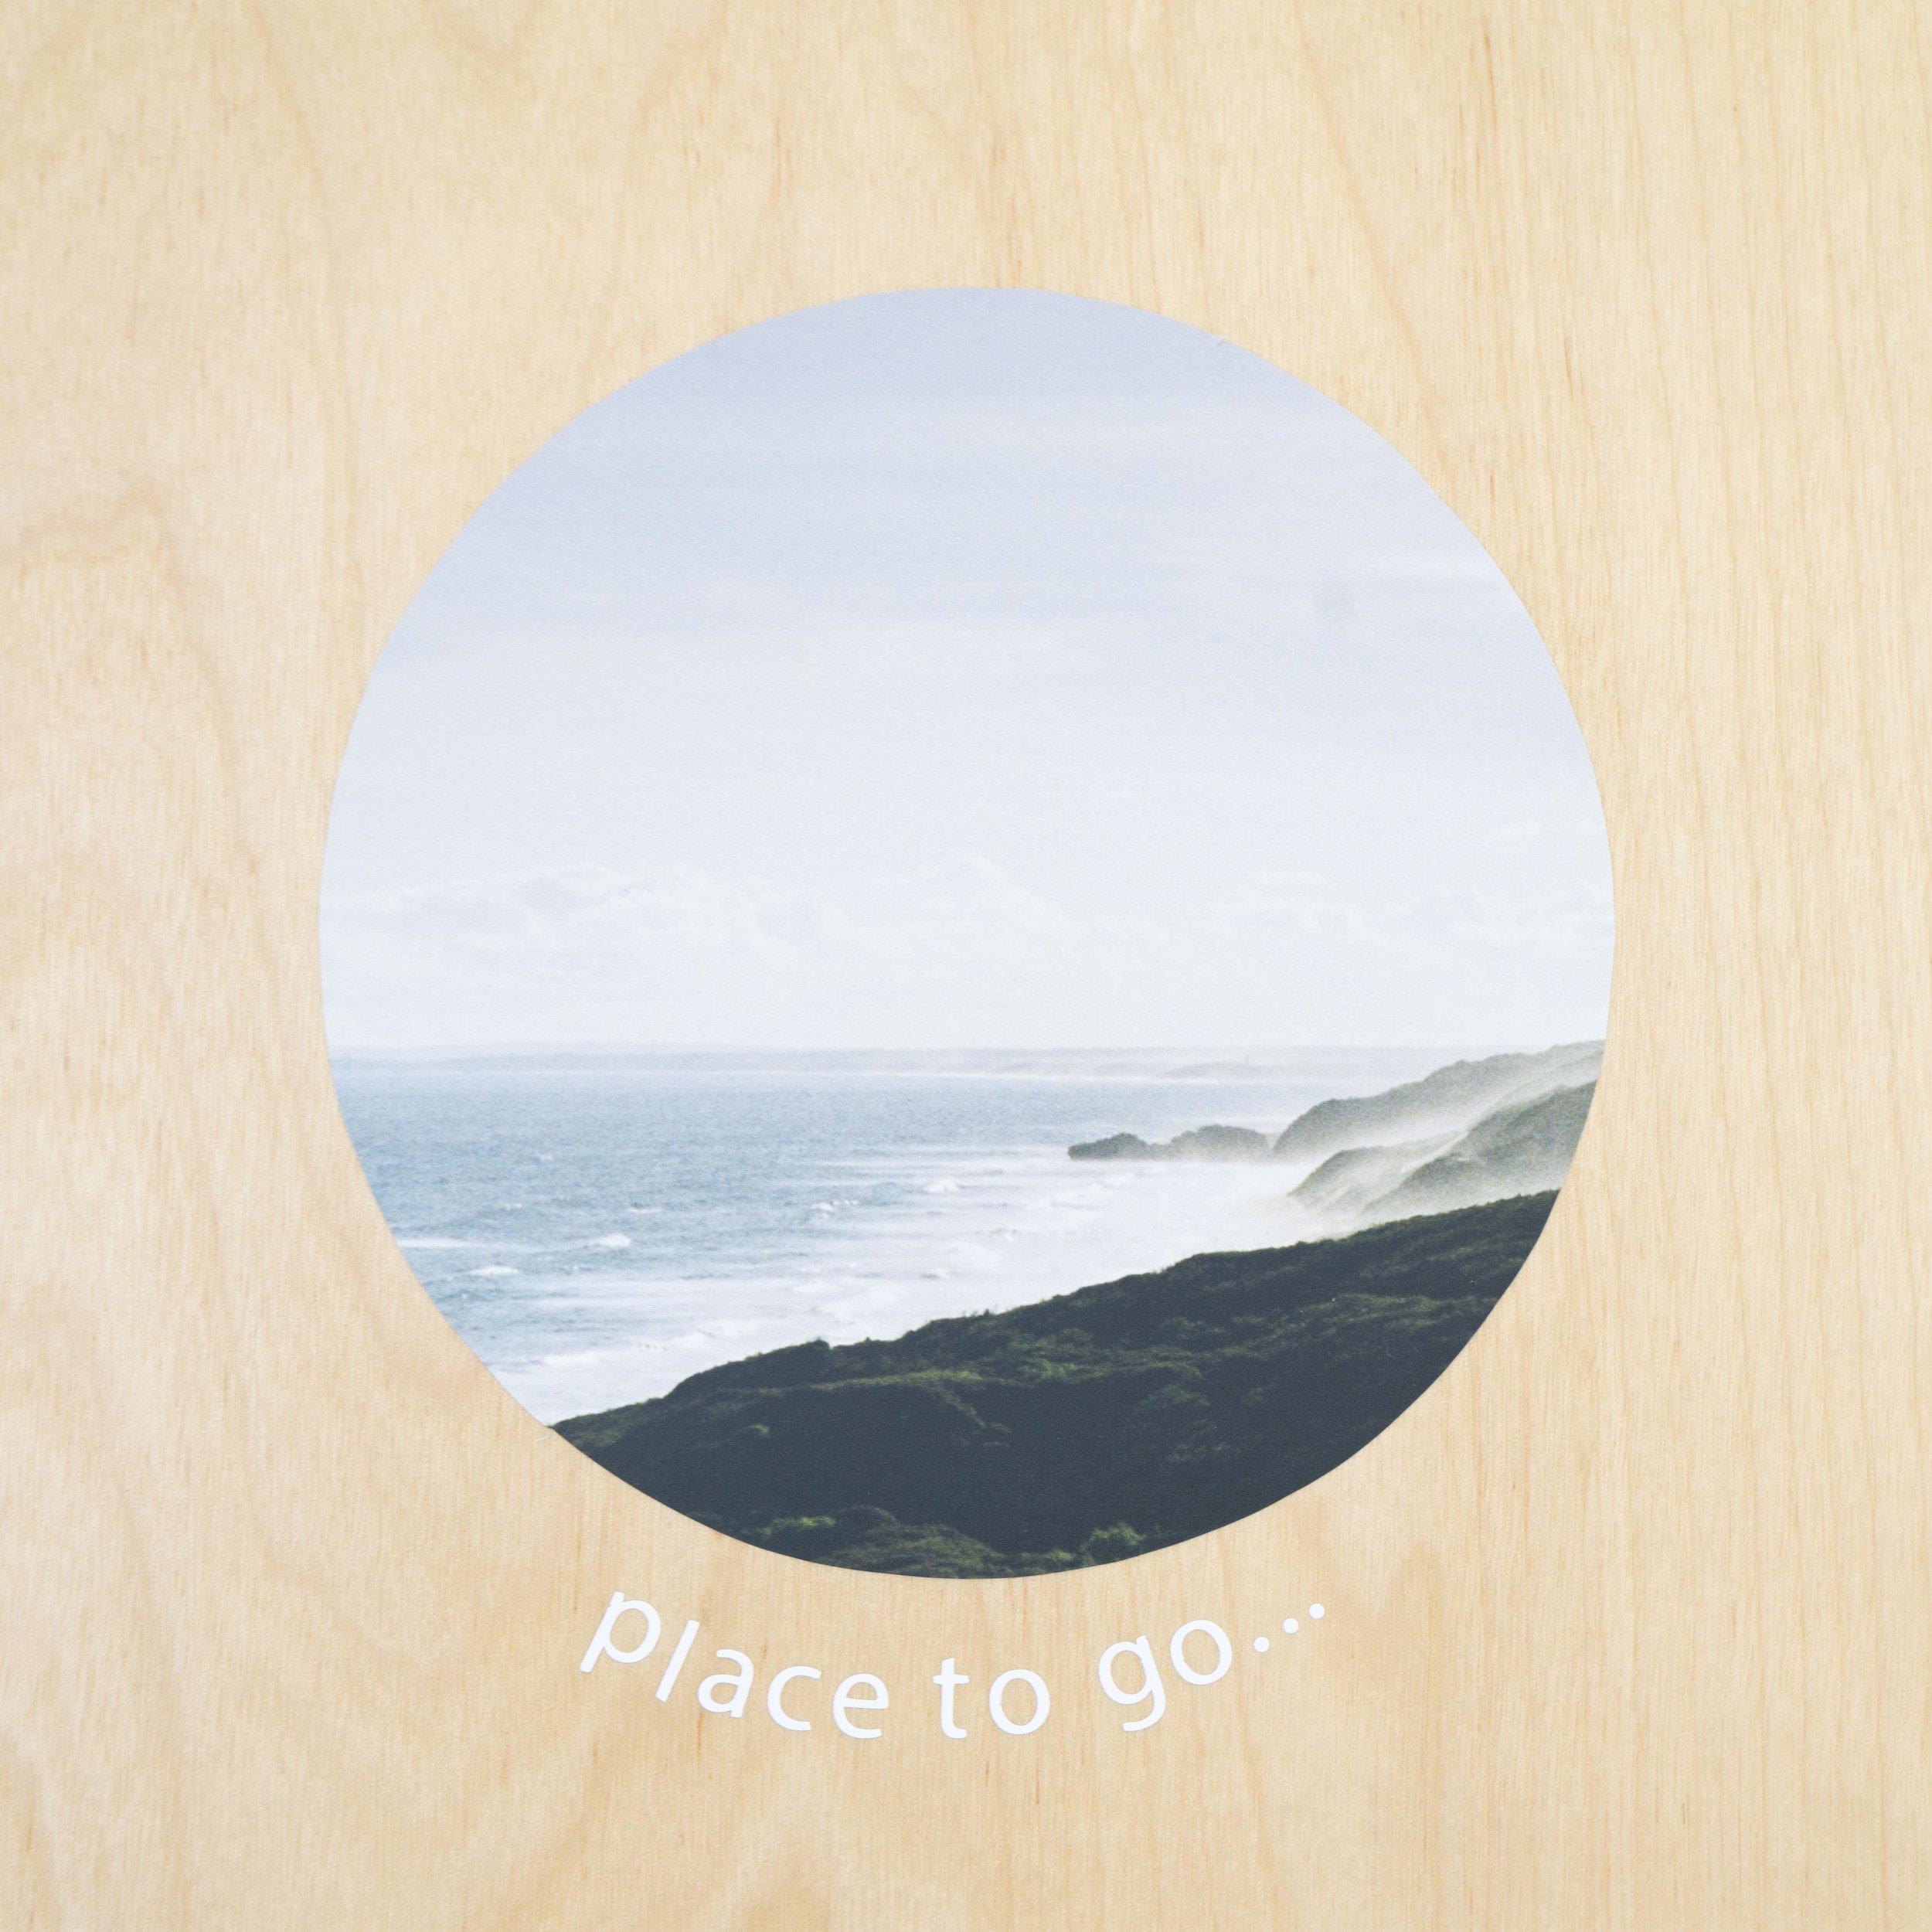 placetogo-square.jpg